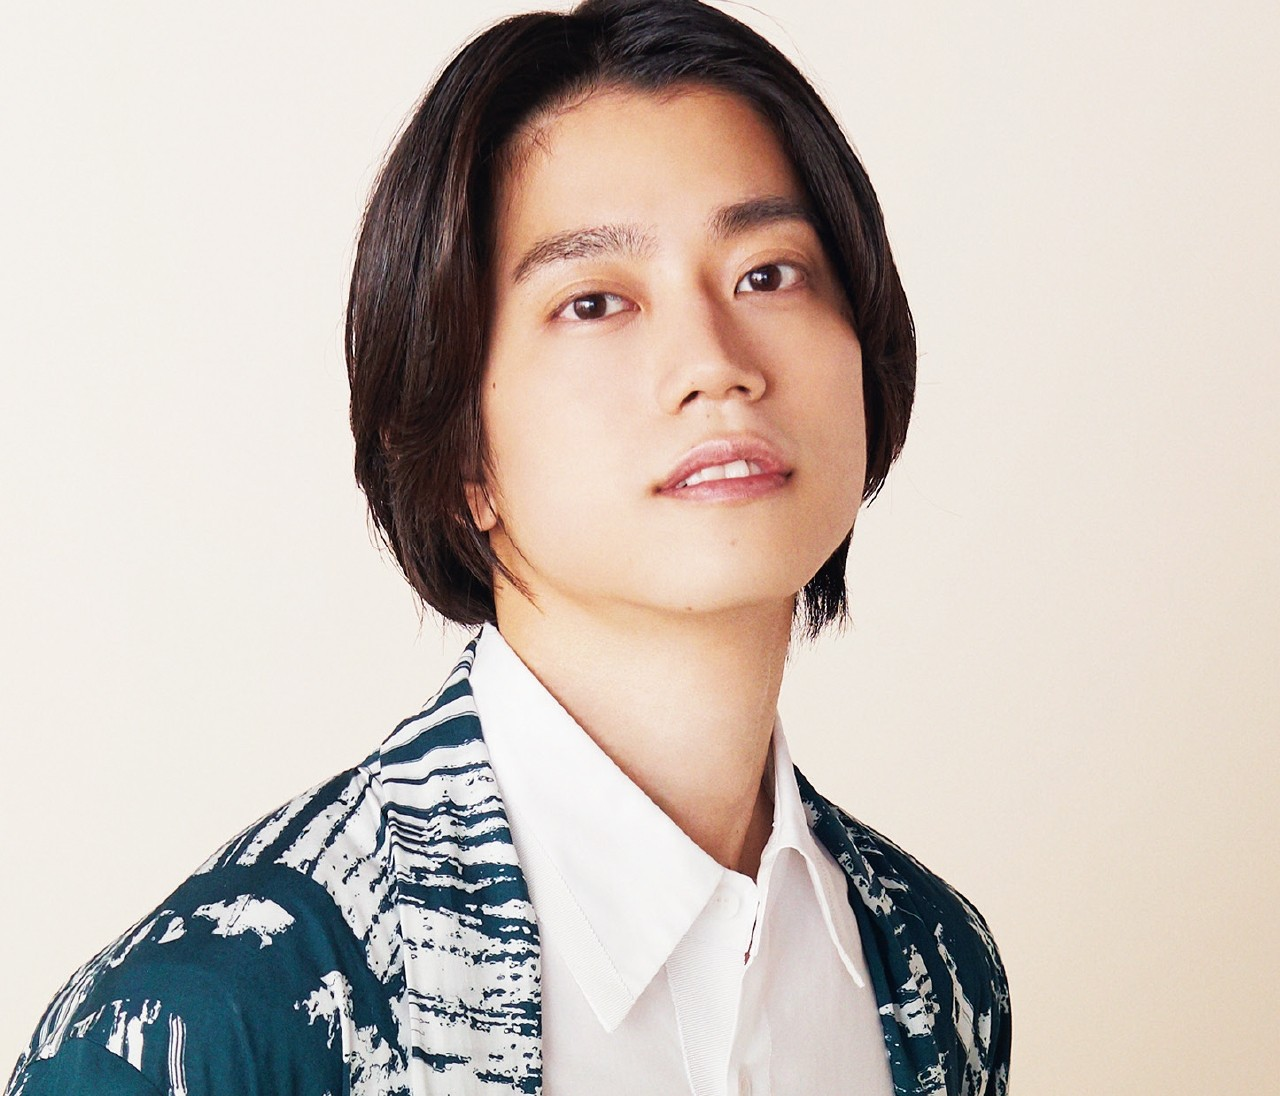 高橋健介さんインタビュー!ミュージカル「刀剣乱舞」の蜂須賀虎徹役